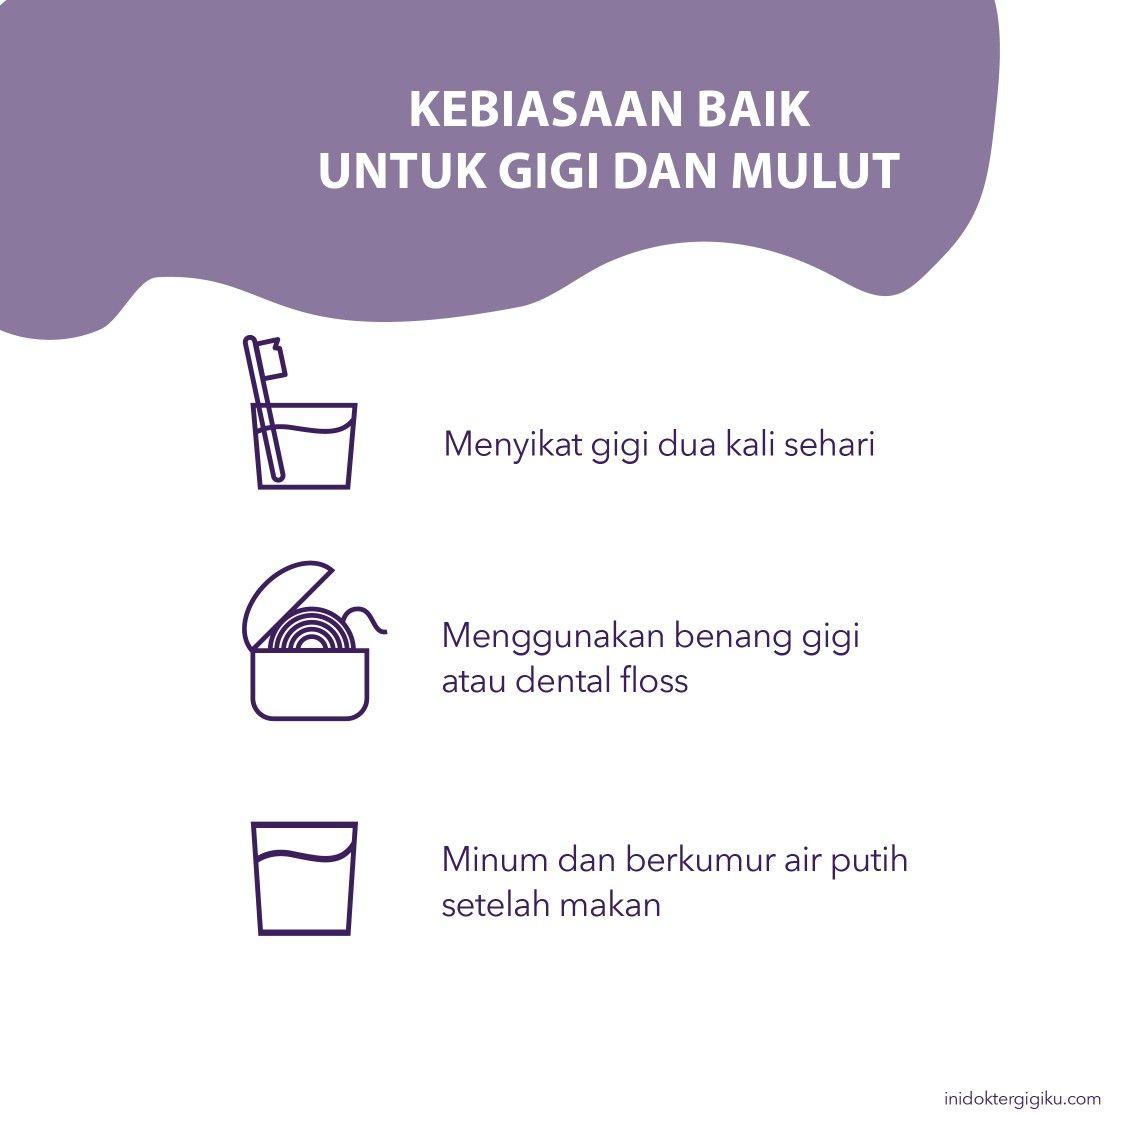 Tips Inidoktergigiku Kesehatan Gigi Dental Benang Gigi